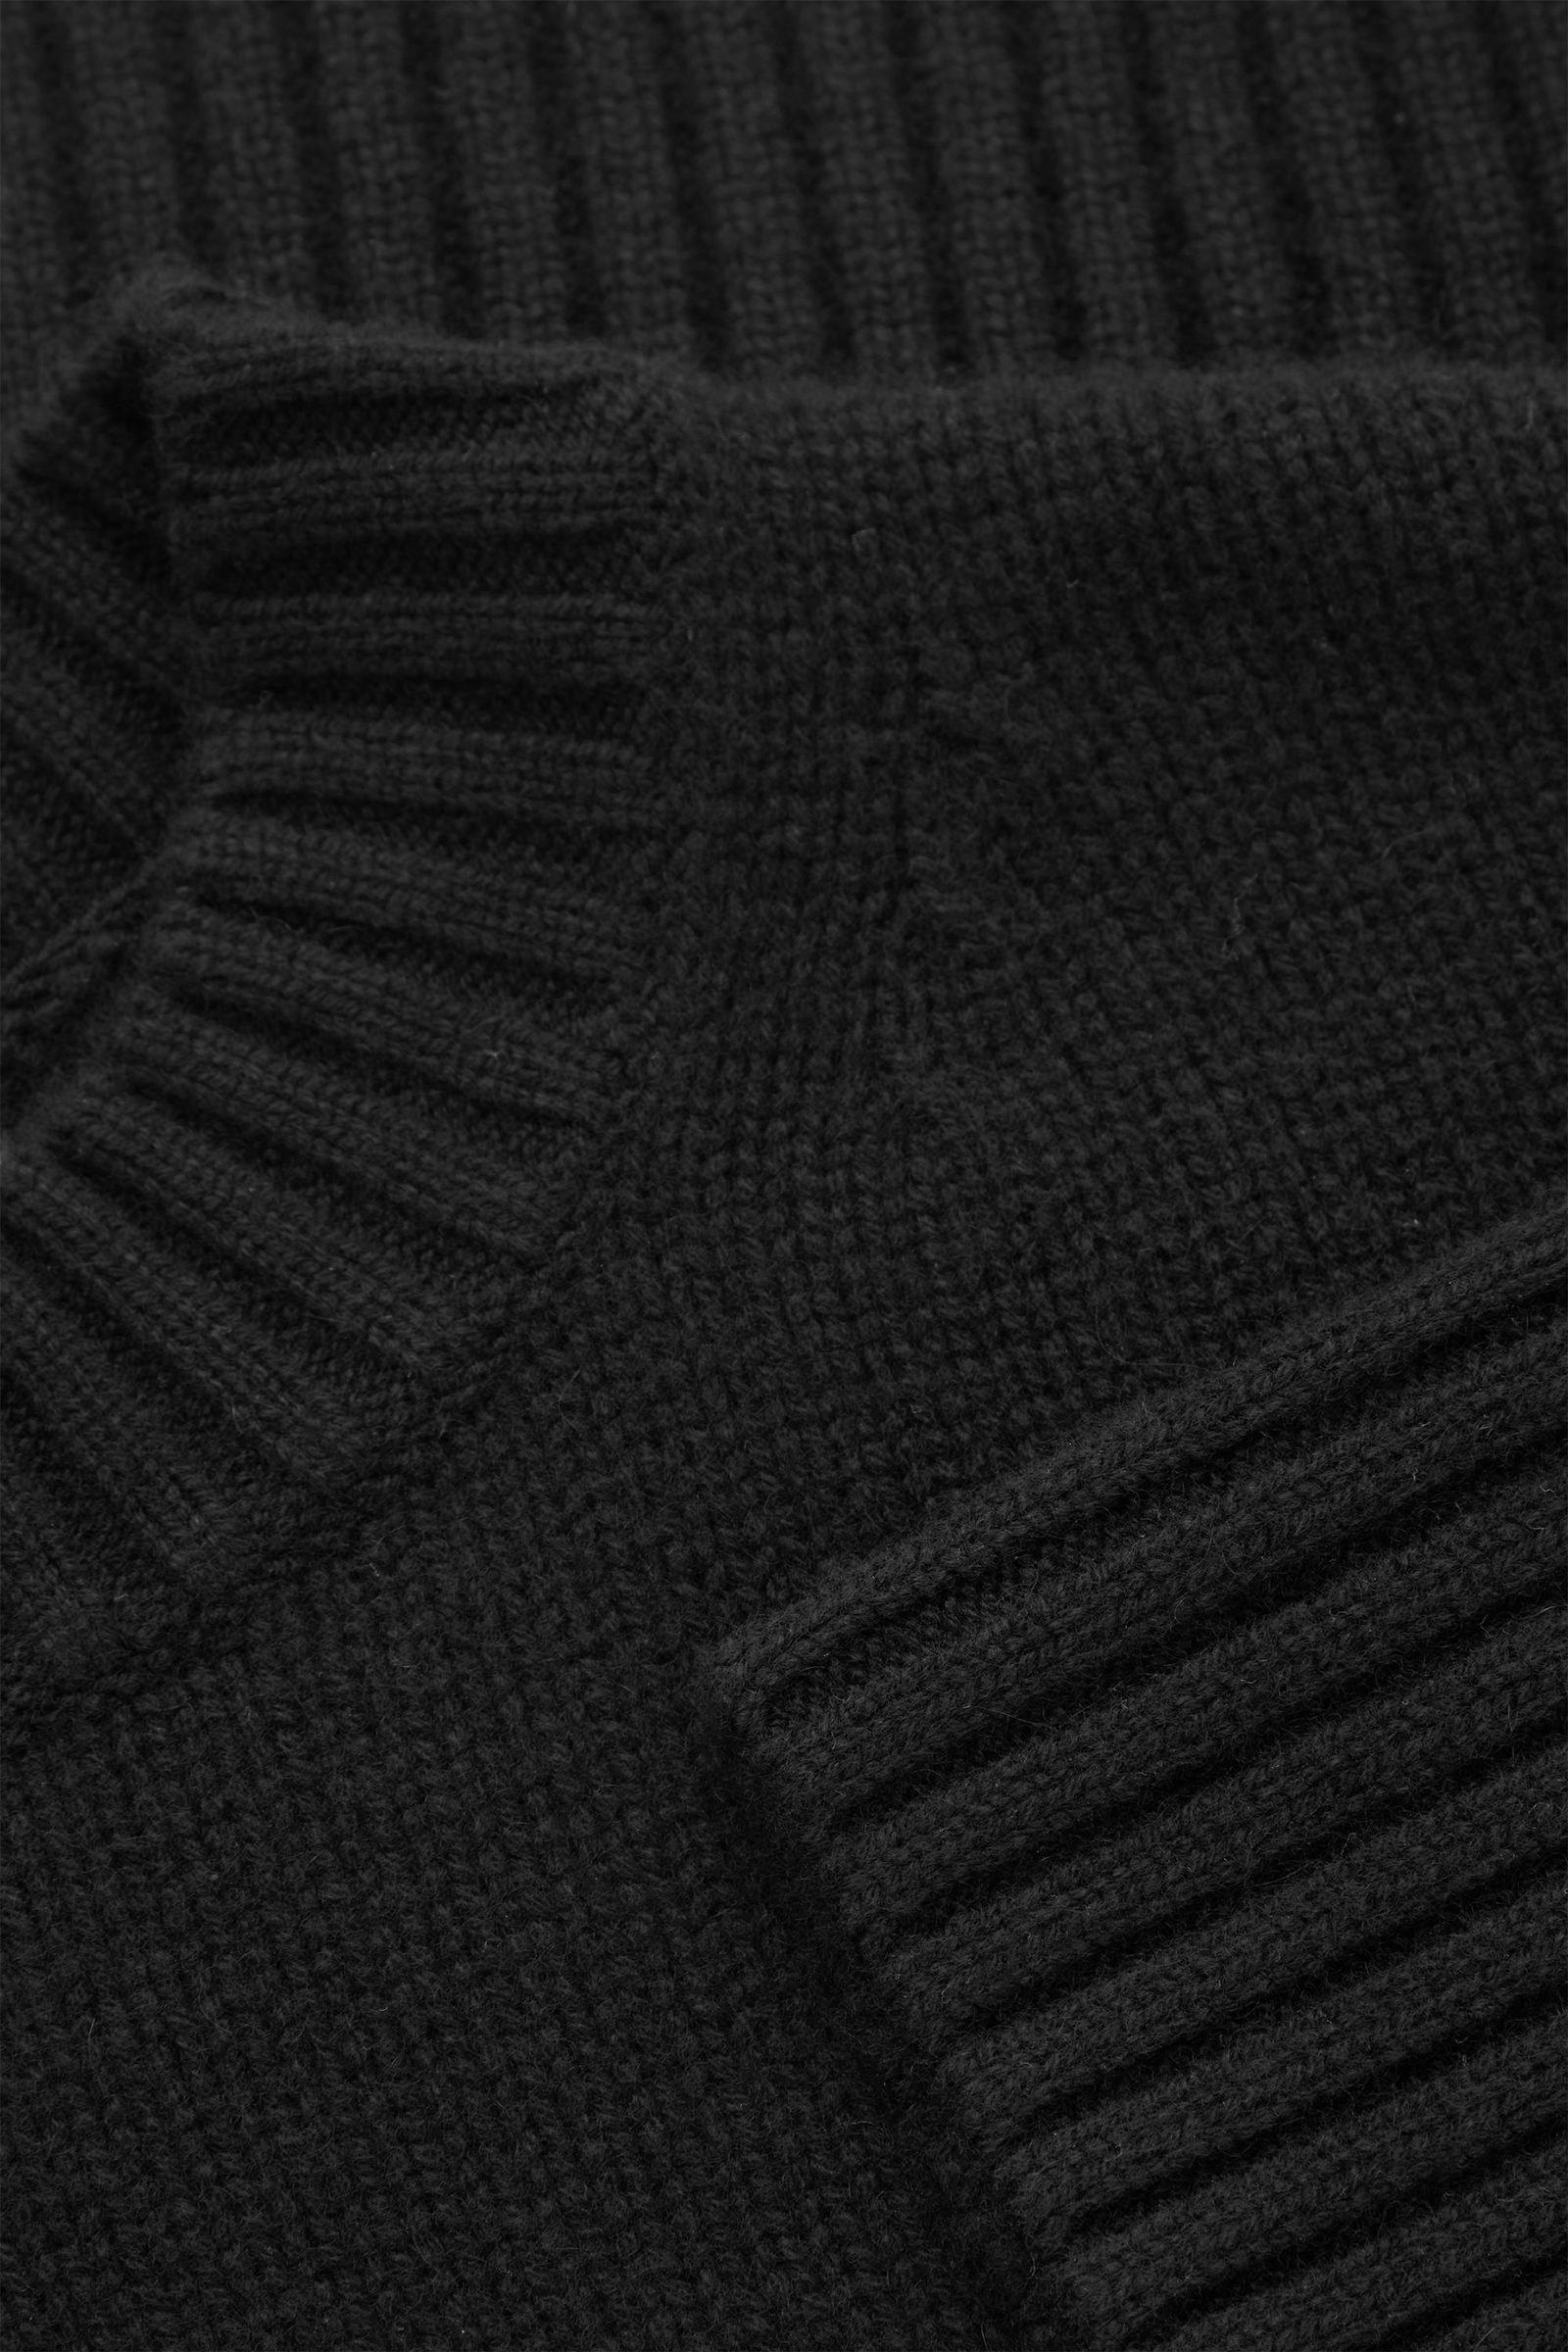 COS 오버사이즈 캐시미어 스웨터의 블랙컬러 Detail입니다.